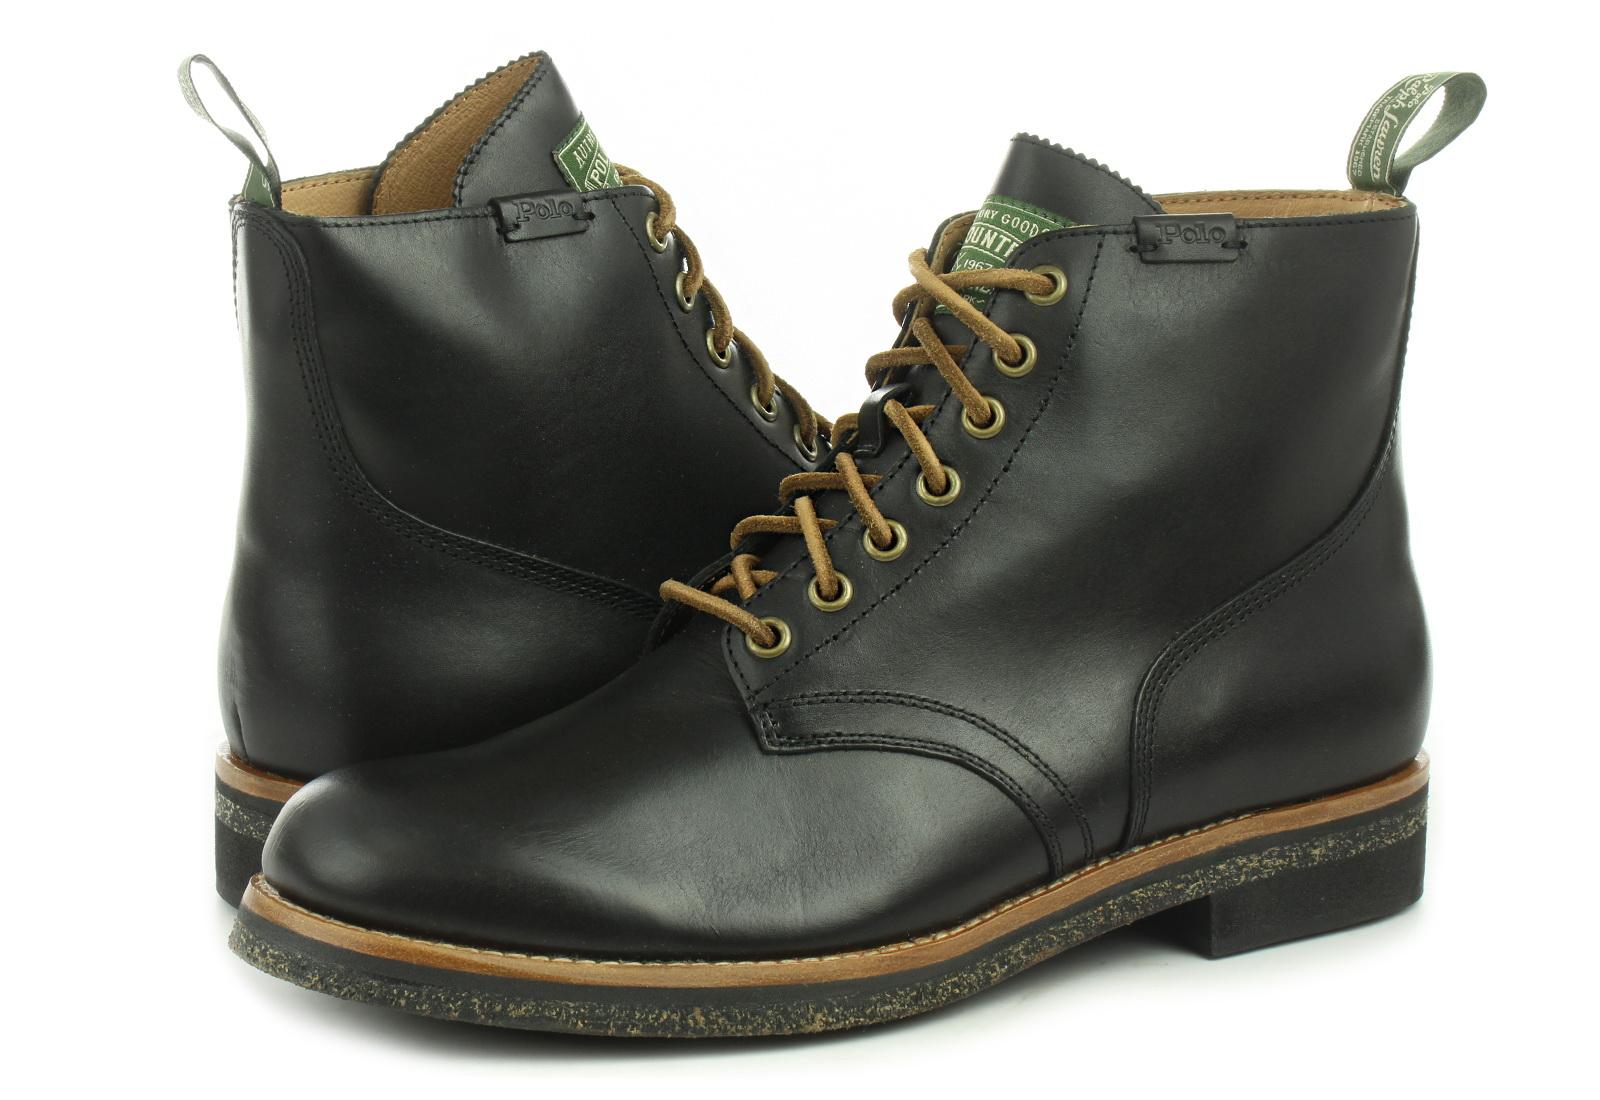 Polo Ralph Lauren Škornji Rl Army Boot